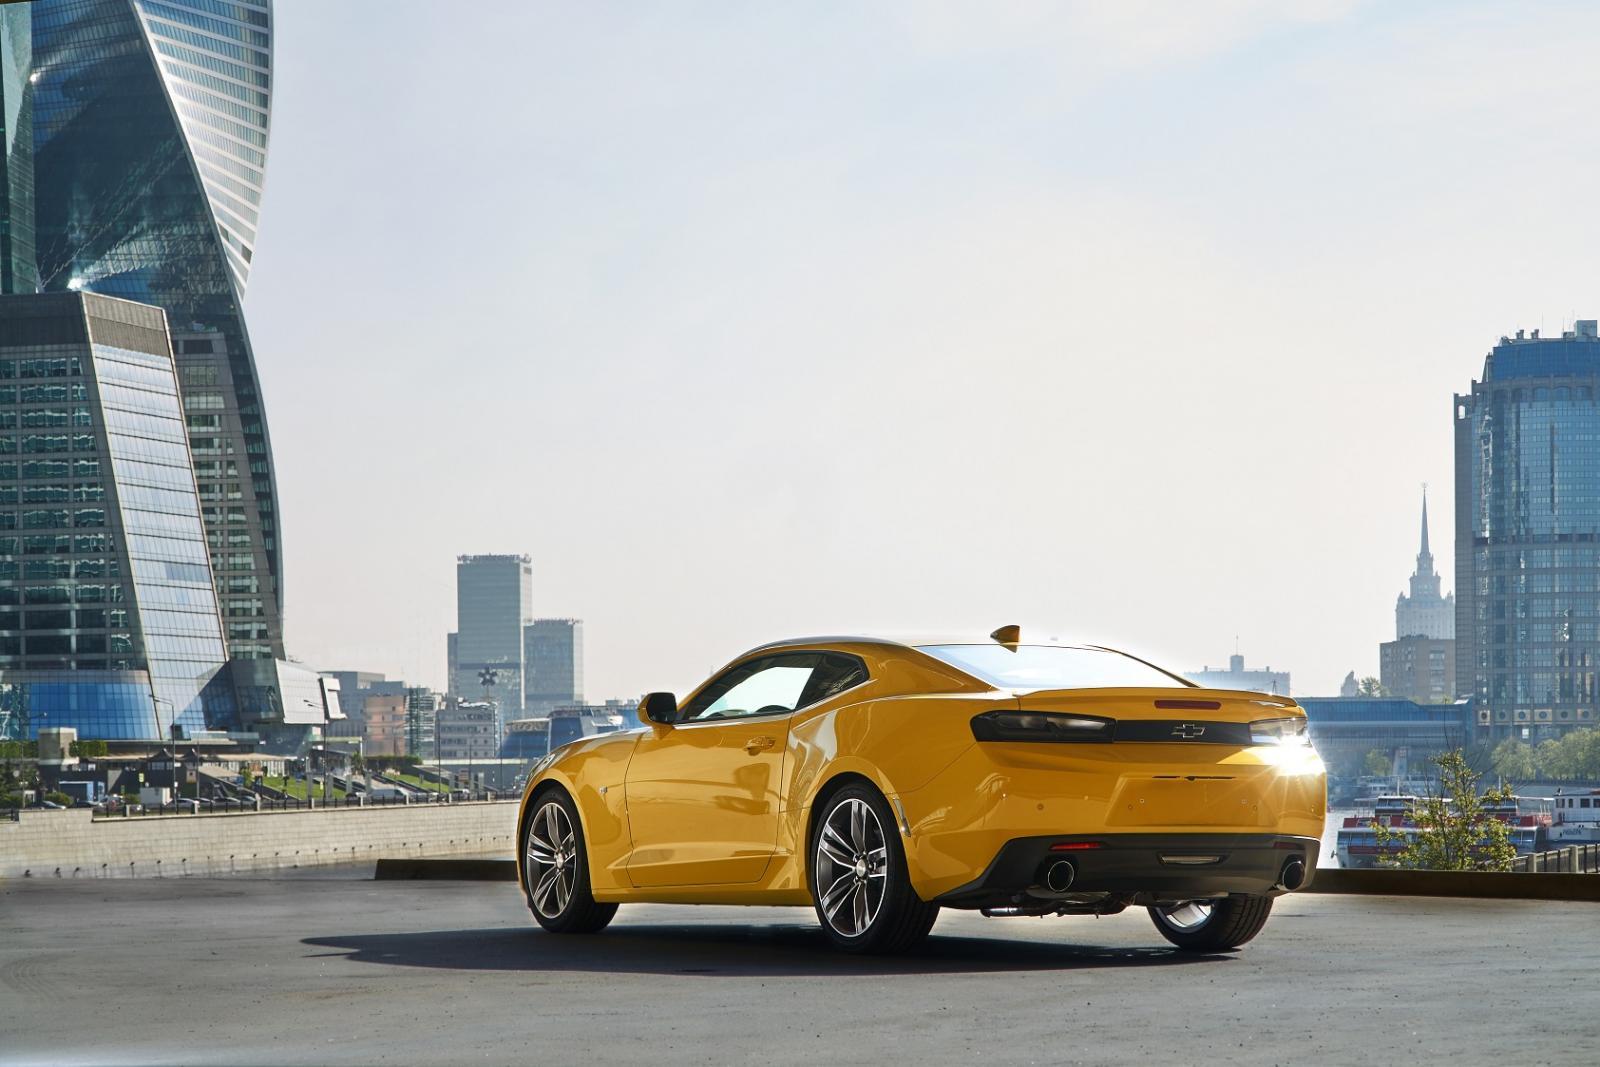 Шевроле привез в Российскую Федерацию купе Camaro из«Трансформеров»